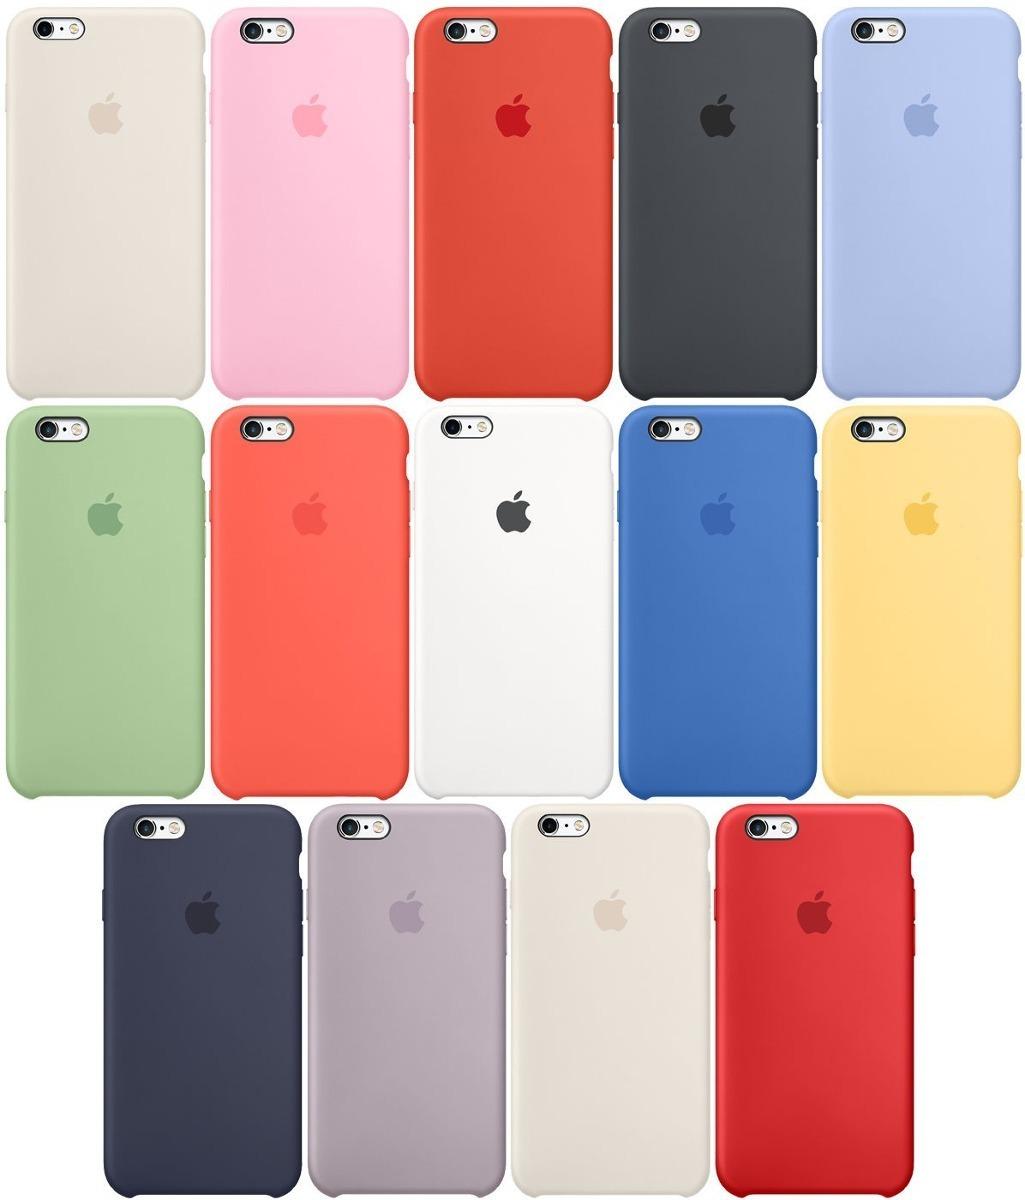 998d6ea2fd3 funda carcasa case silicona original iphone 6 plus 6s plus. Cargando zoom.